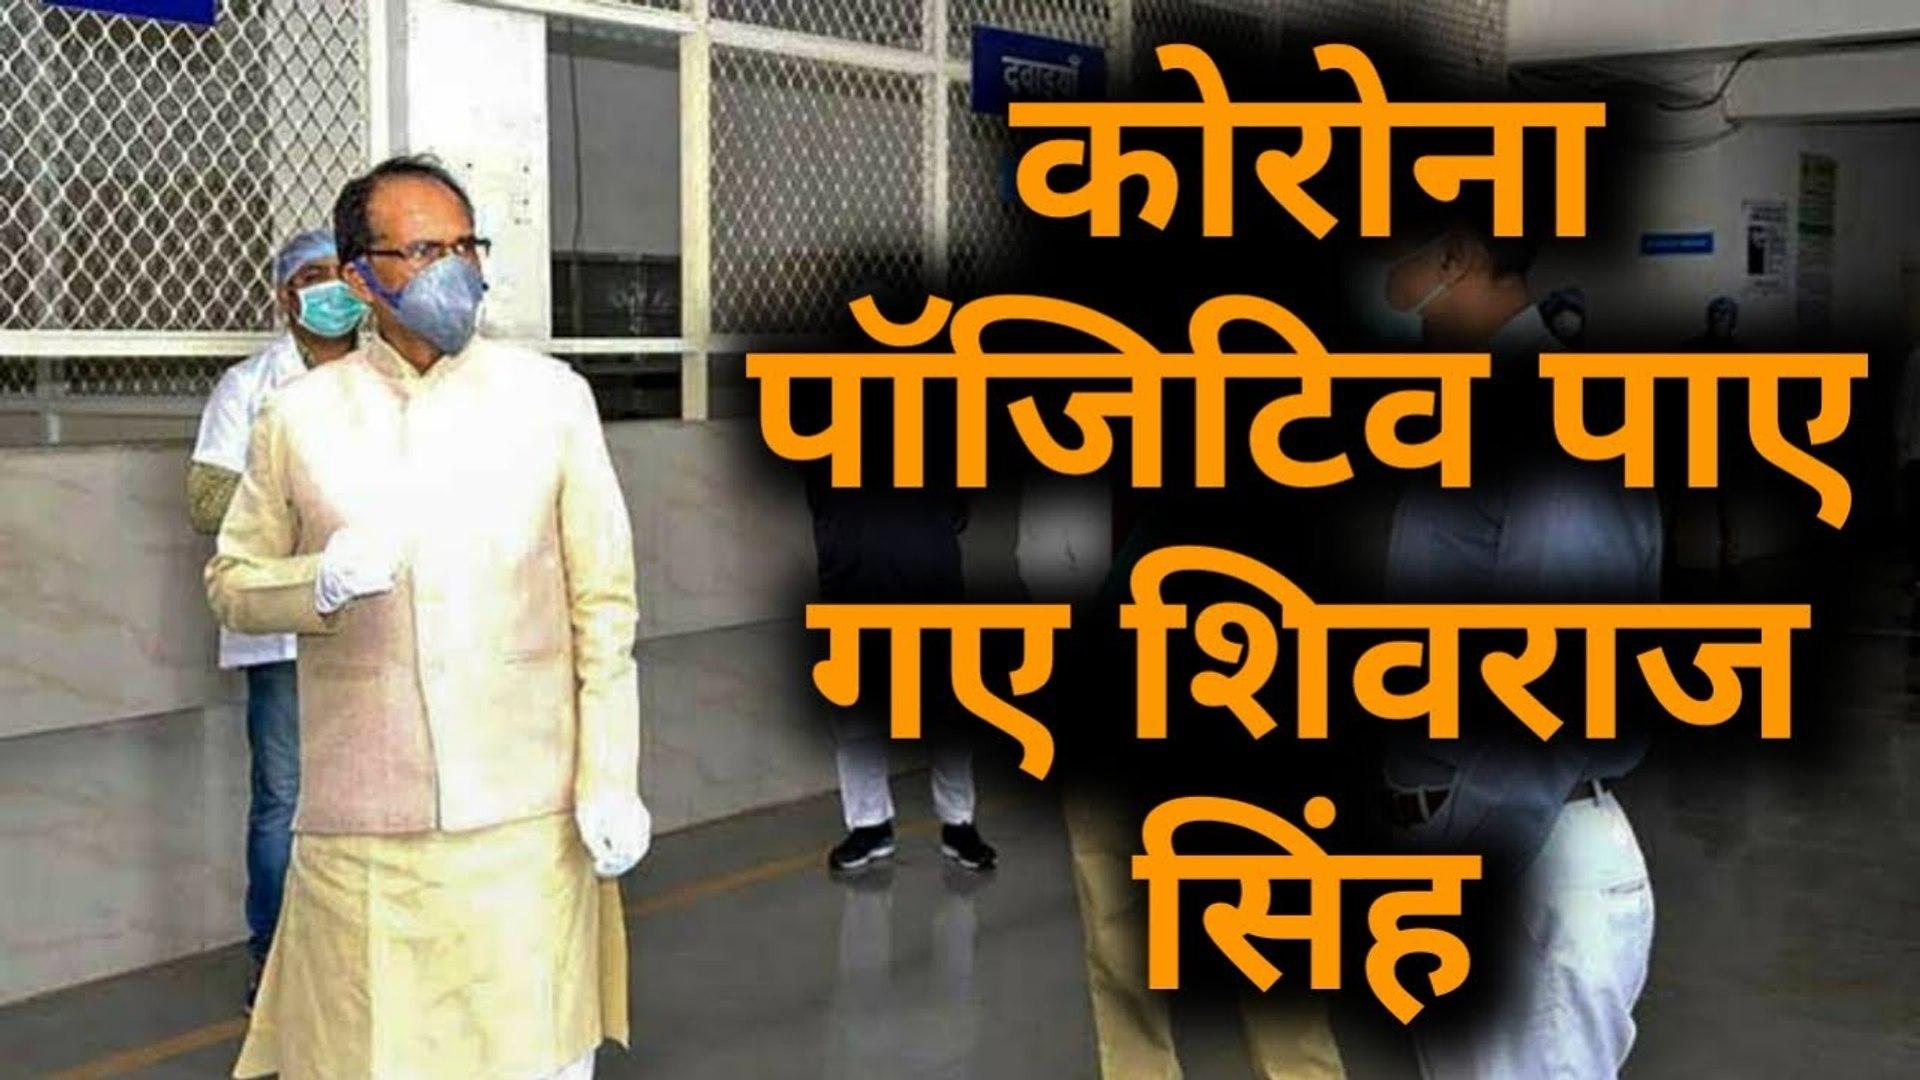 Corona Virus की चपेट में आए Shivraj Singh Chouhan और एनकाउंटर में ढेर हुए लश्कर के दो Terrorist